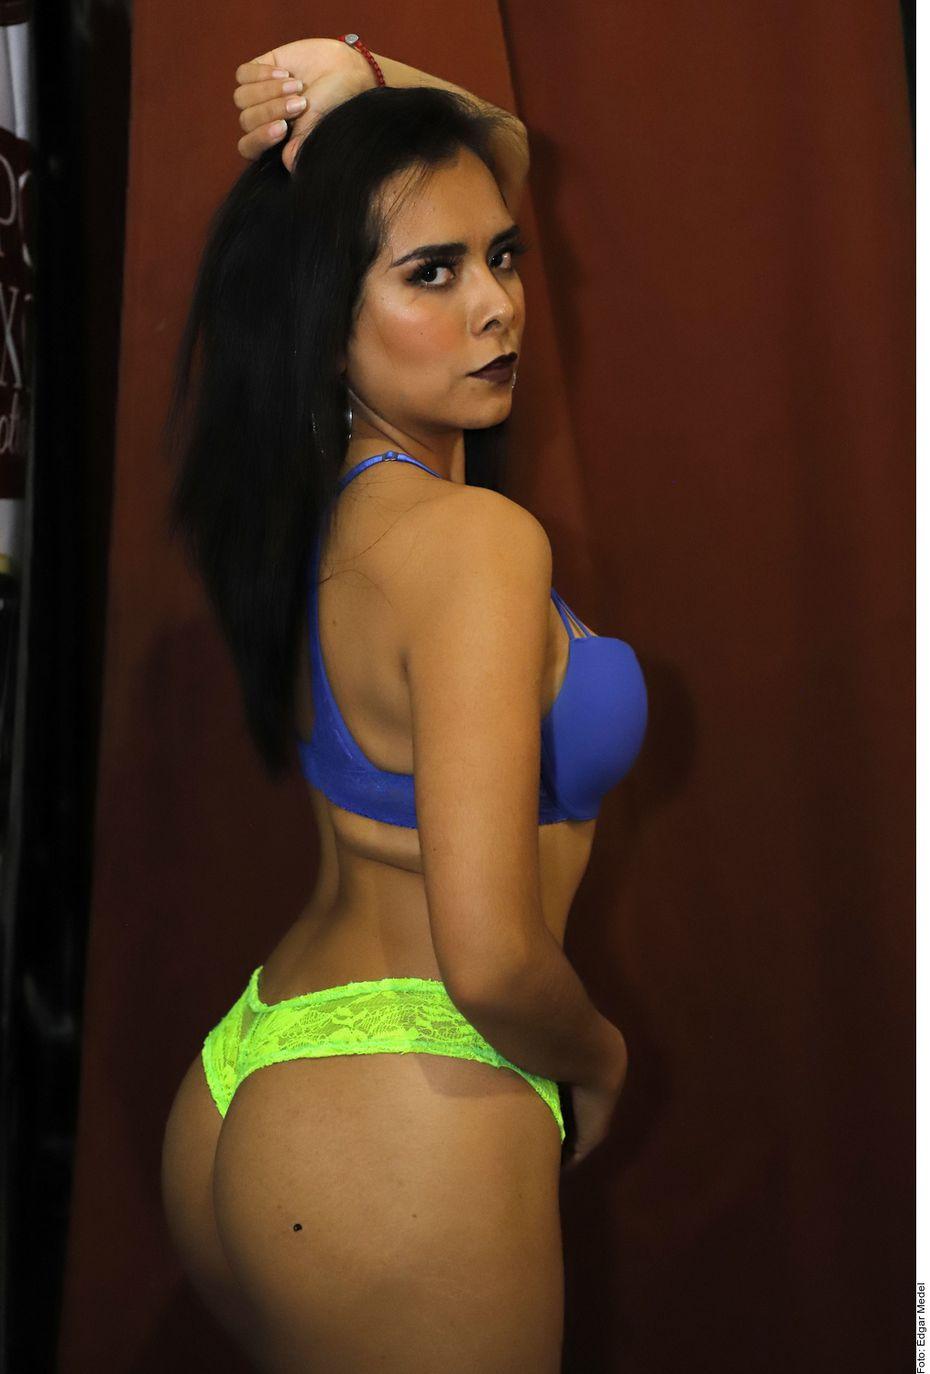 Aunque algunas personas han criticado su trabajo, Paula Ramos está feliz con lo que ha logrado en la industria del porno mexicano, por lo que no piensa dejarlo por nada.